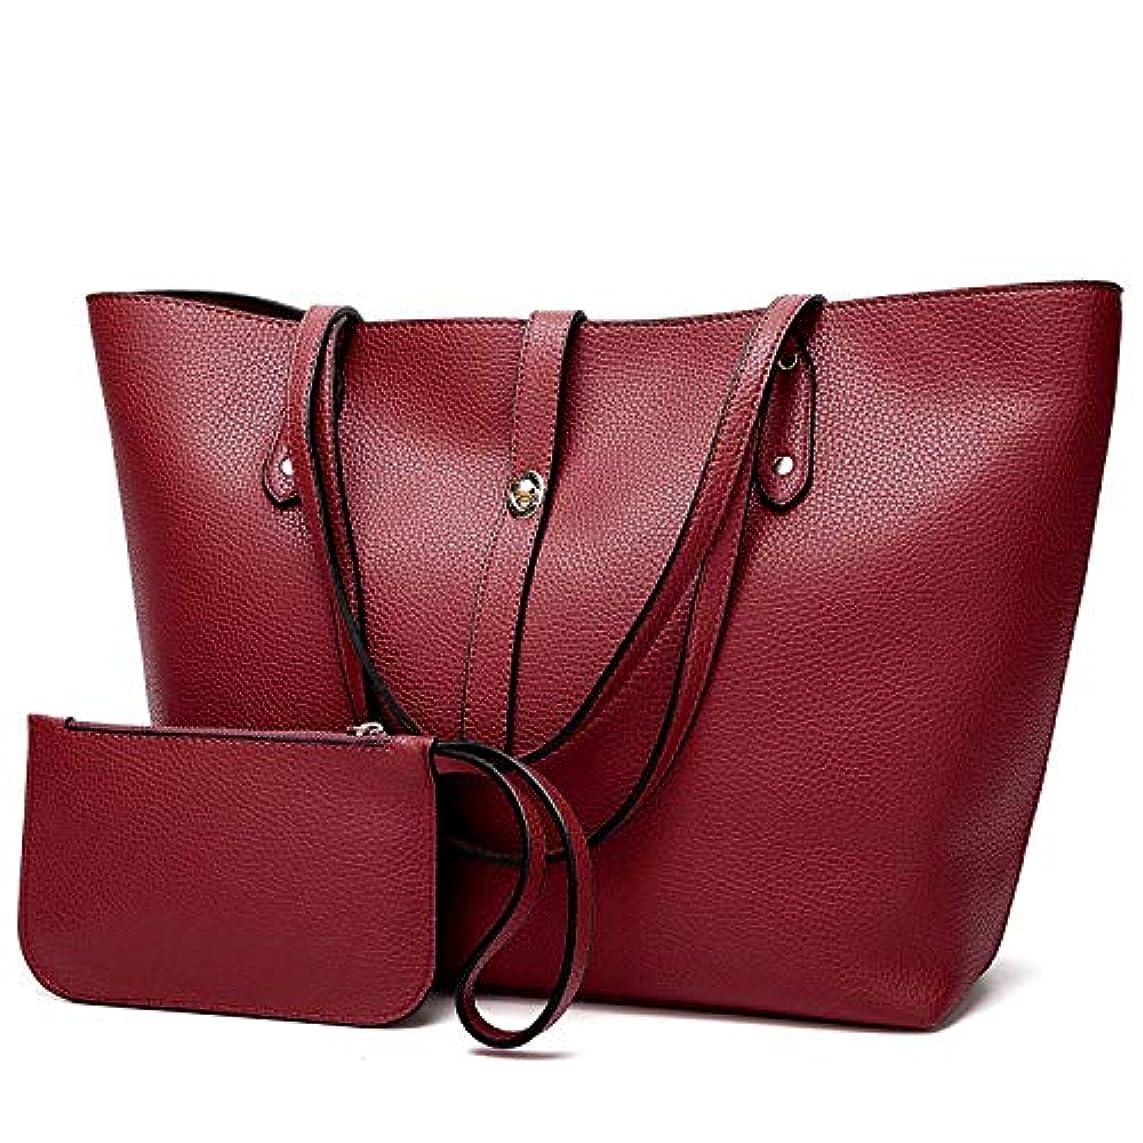 有能なフライカイト慢性的[TcIFE] ハンドバッグ レディース トートバッグ 大容量 無地 ショルダーバッグ 2way 財布とハンドバッグ